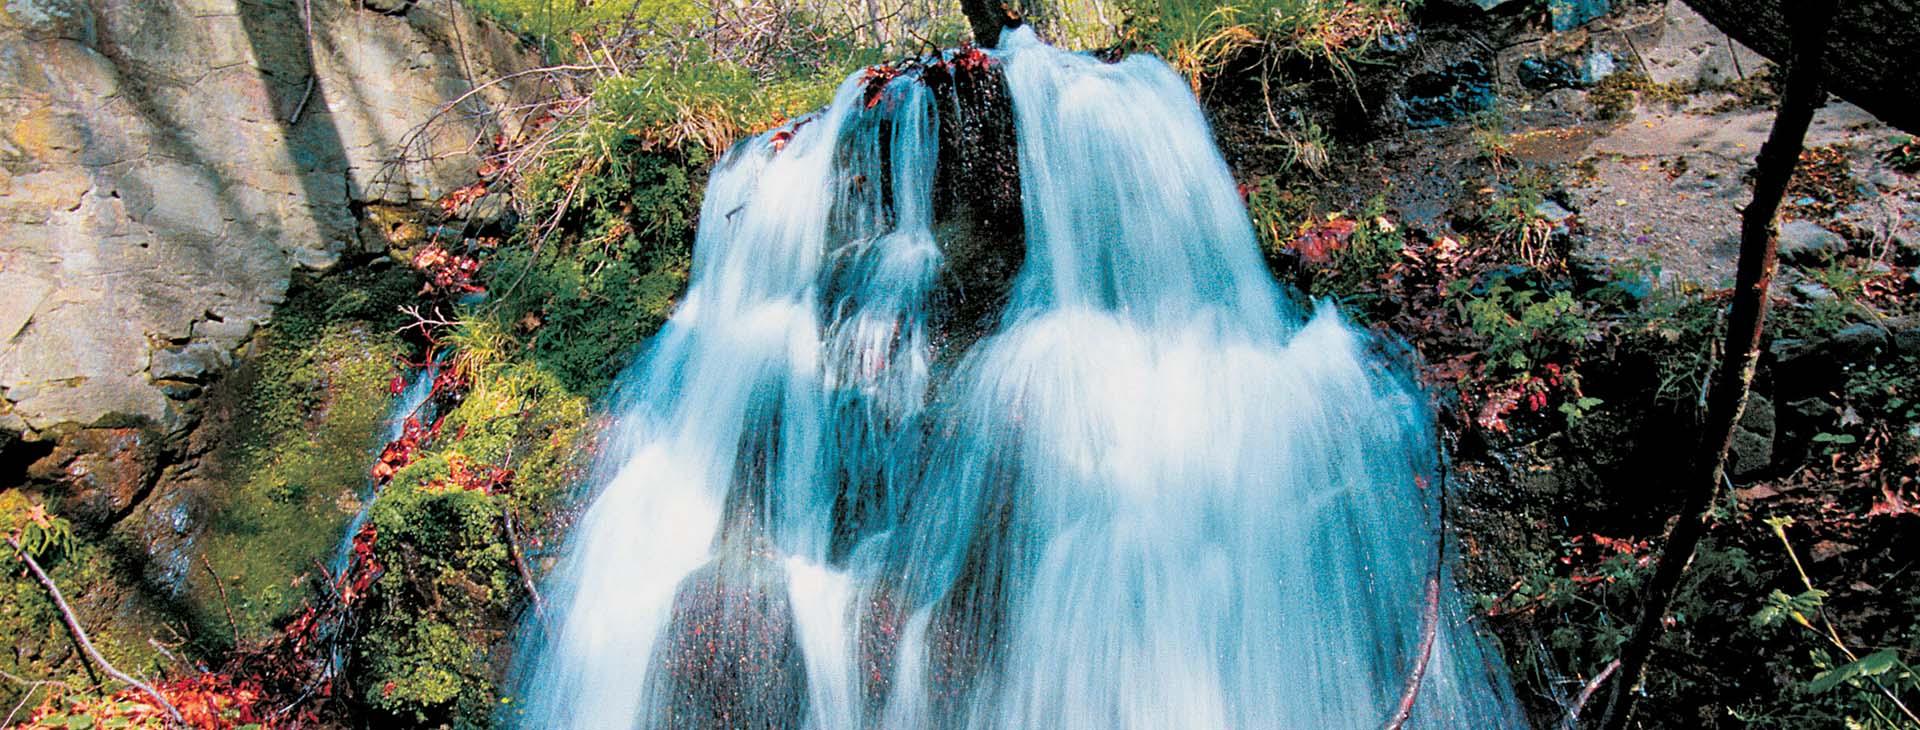 Streamlet near Doirani lake, Kilkis